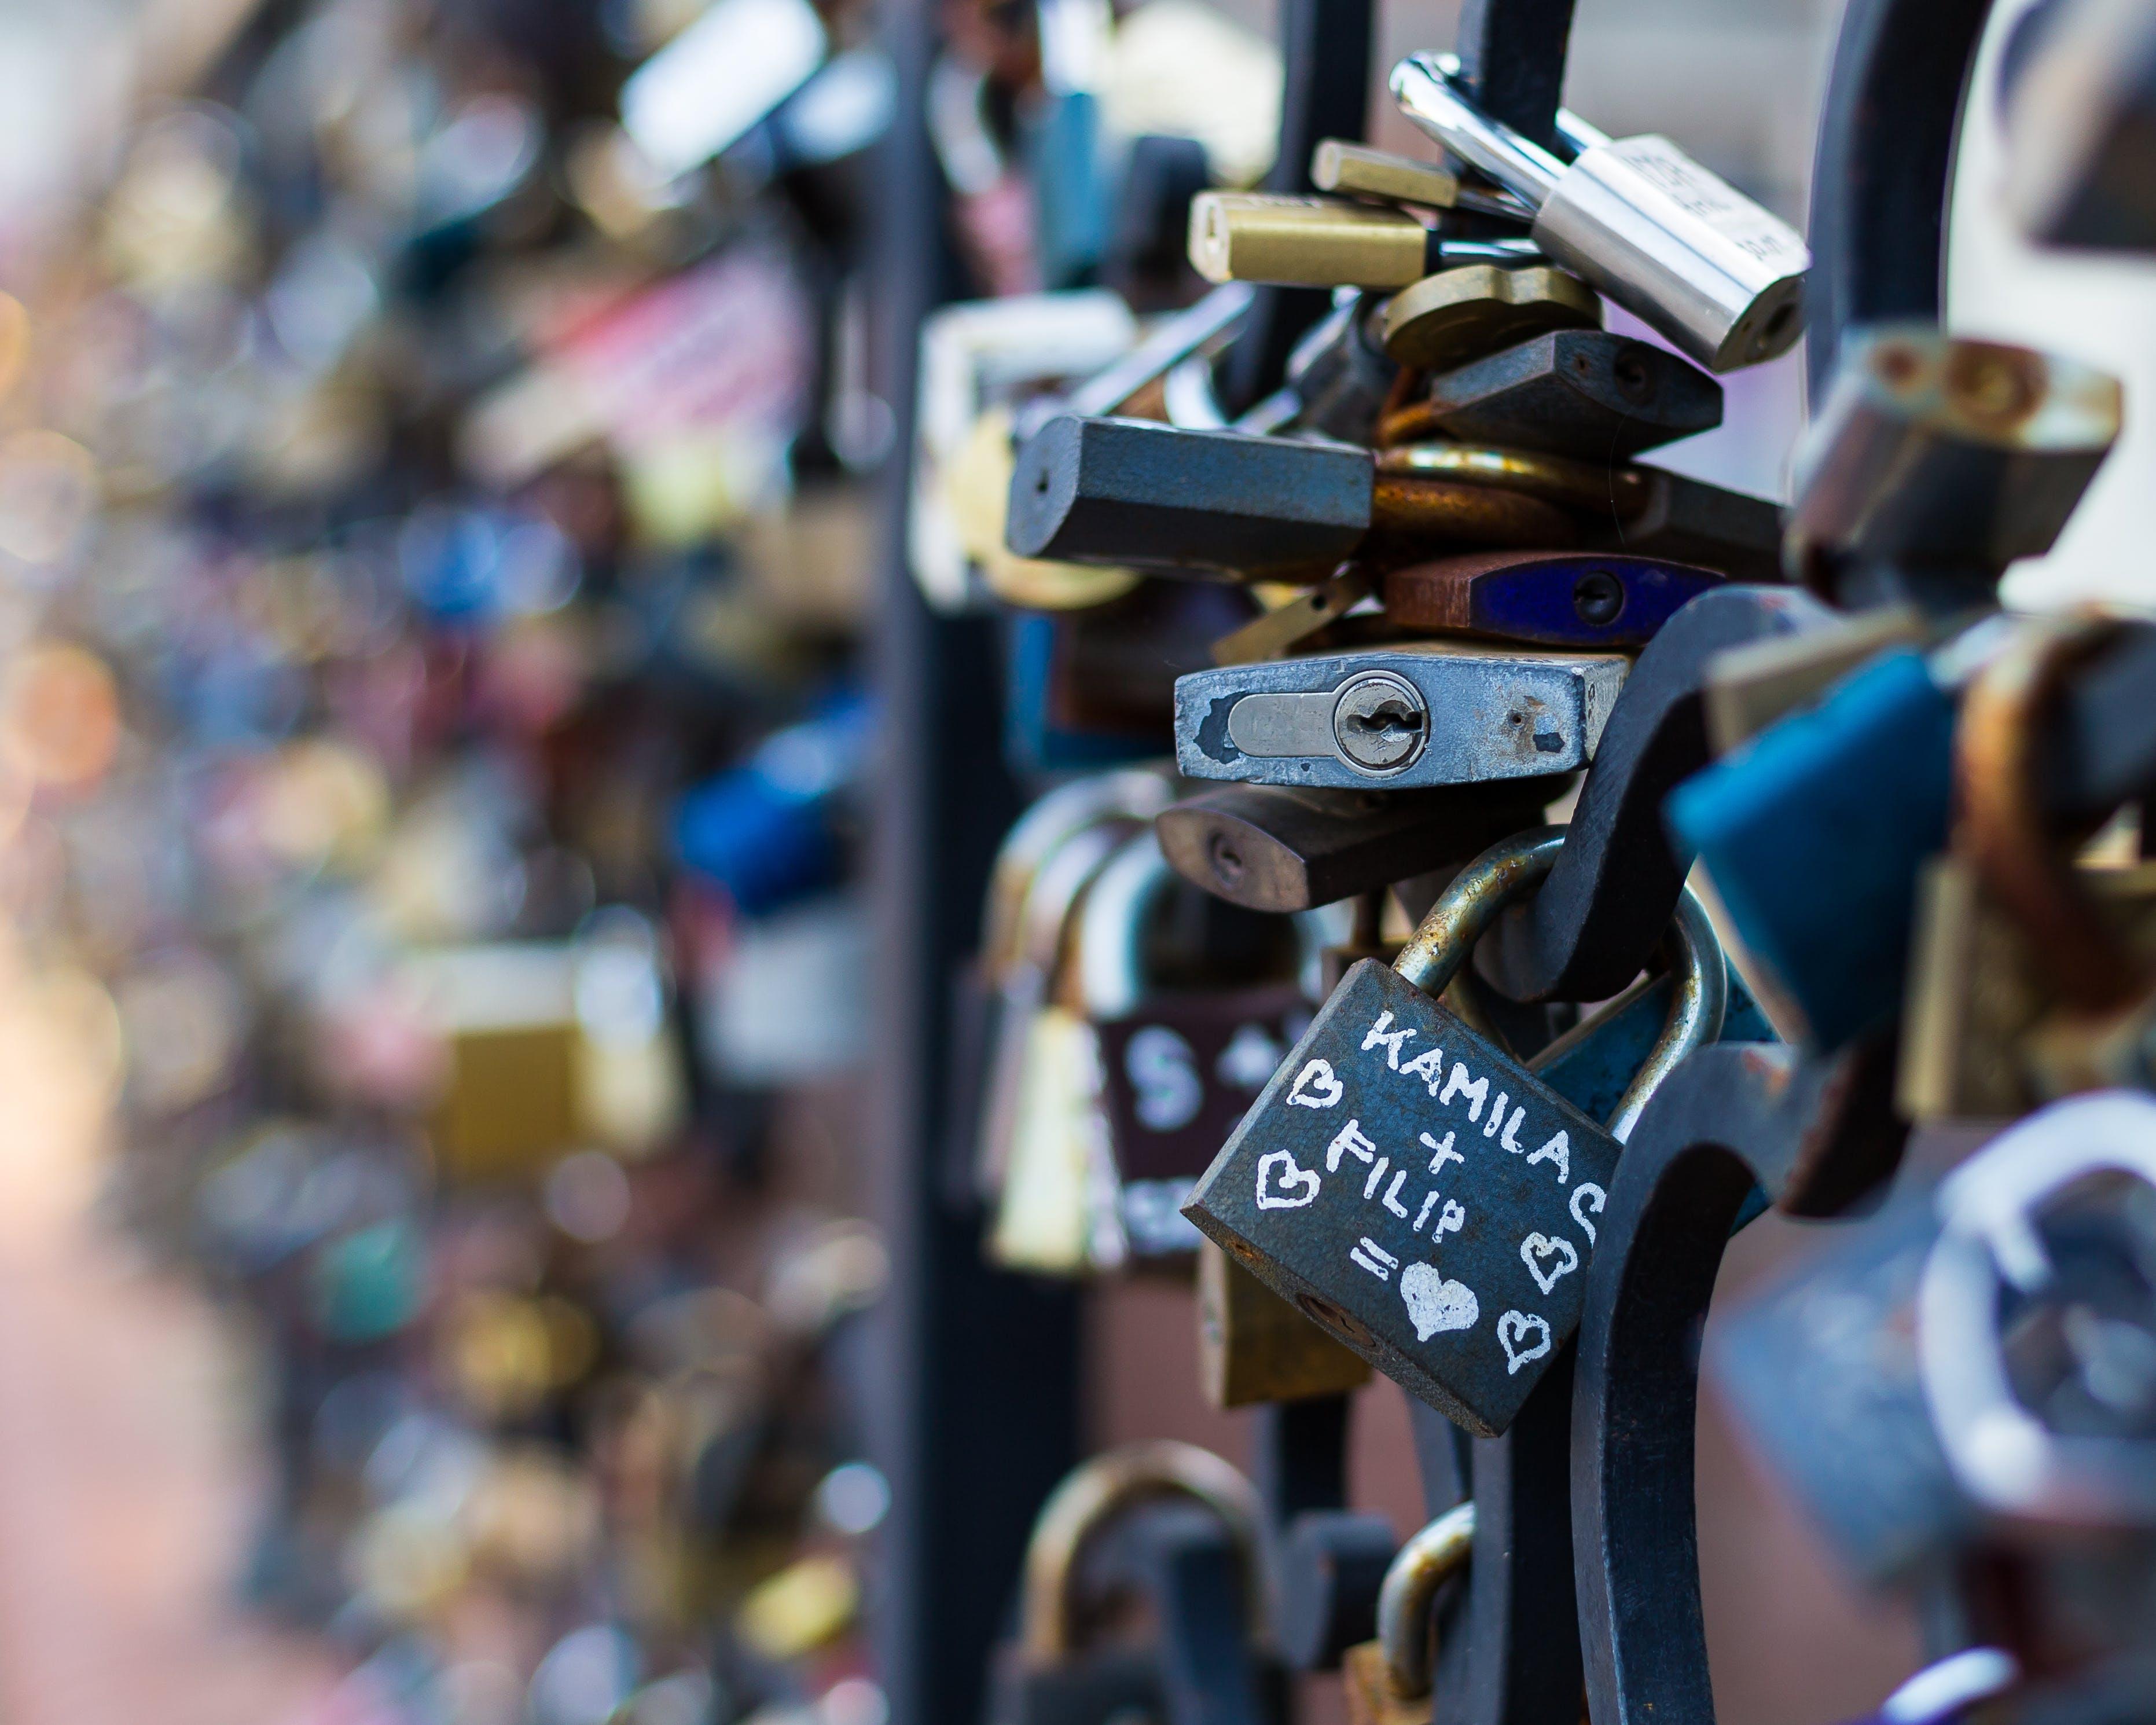 blurred background, brass, locks